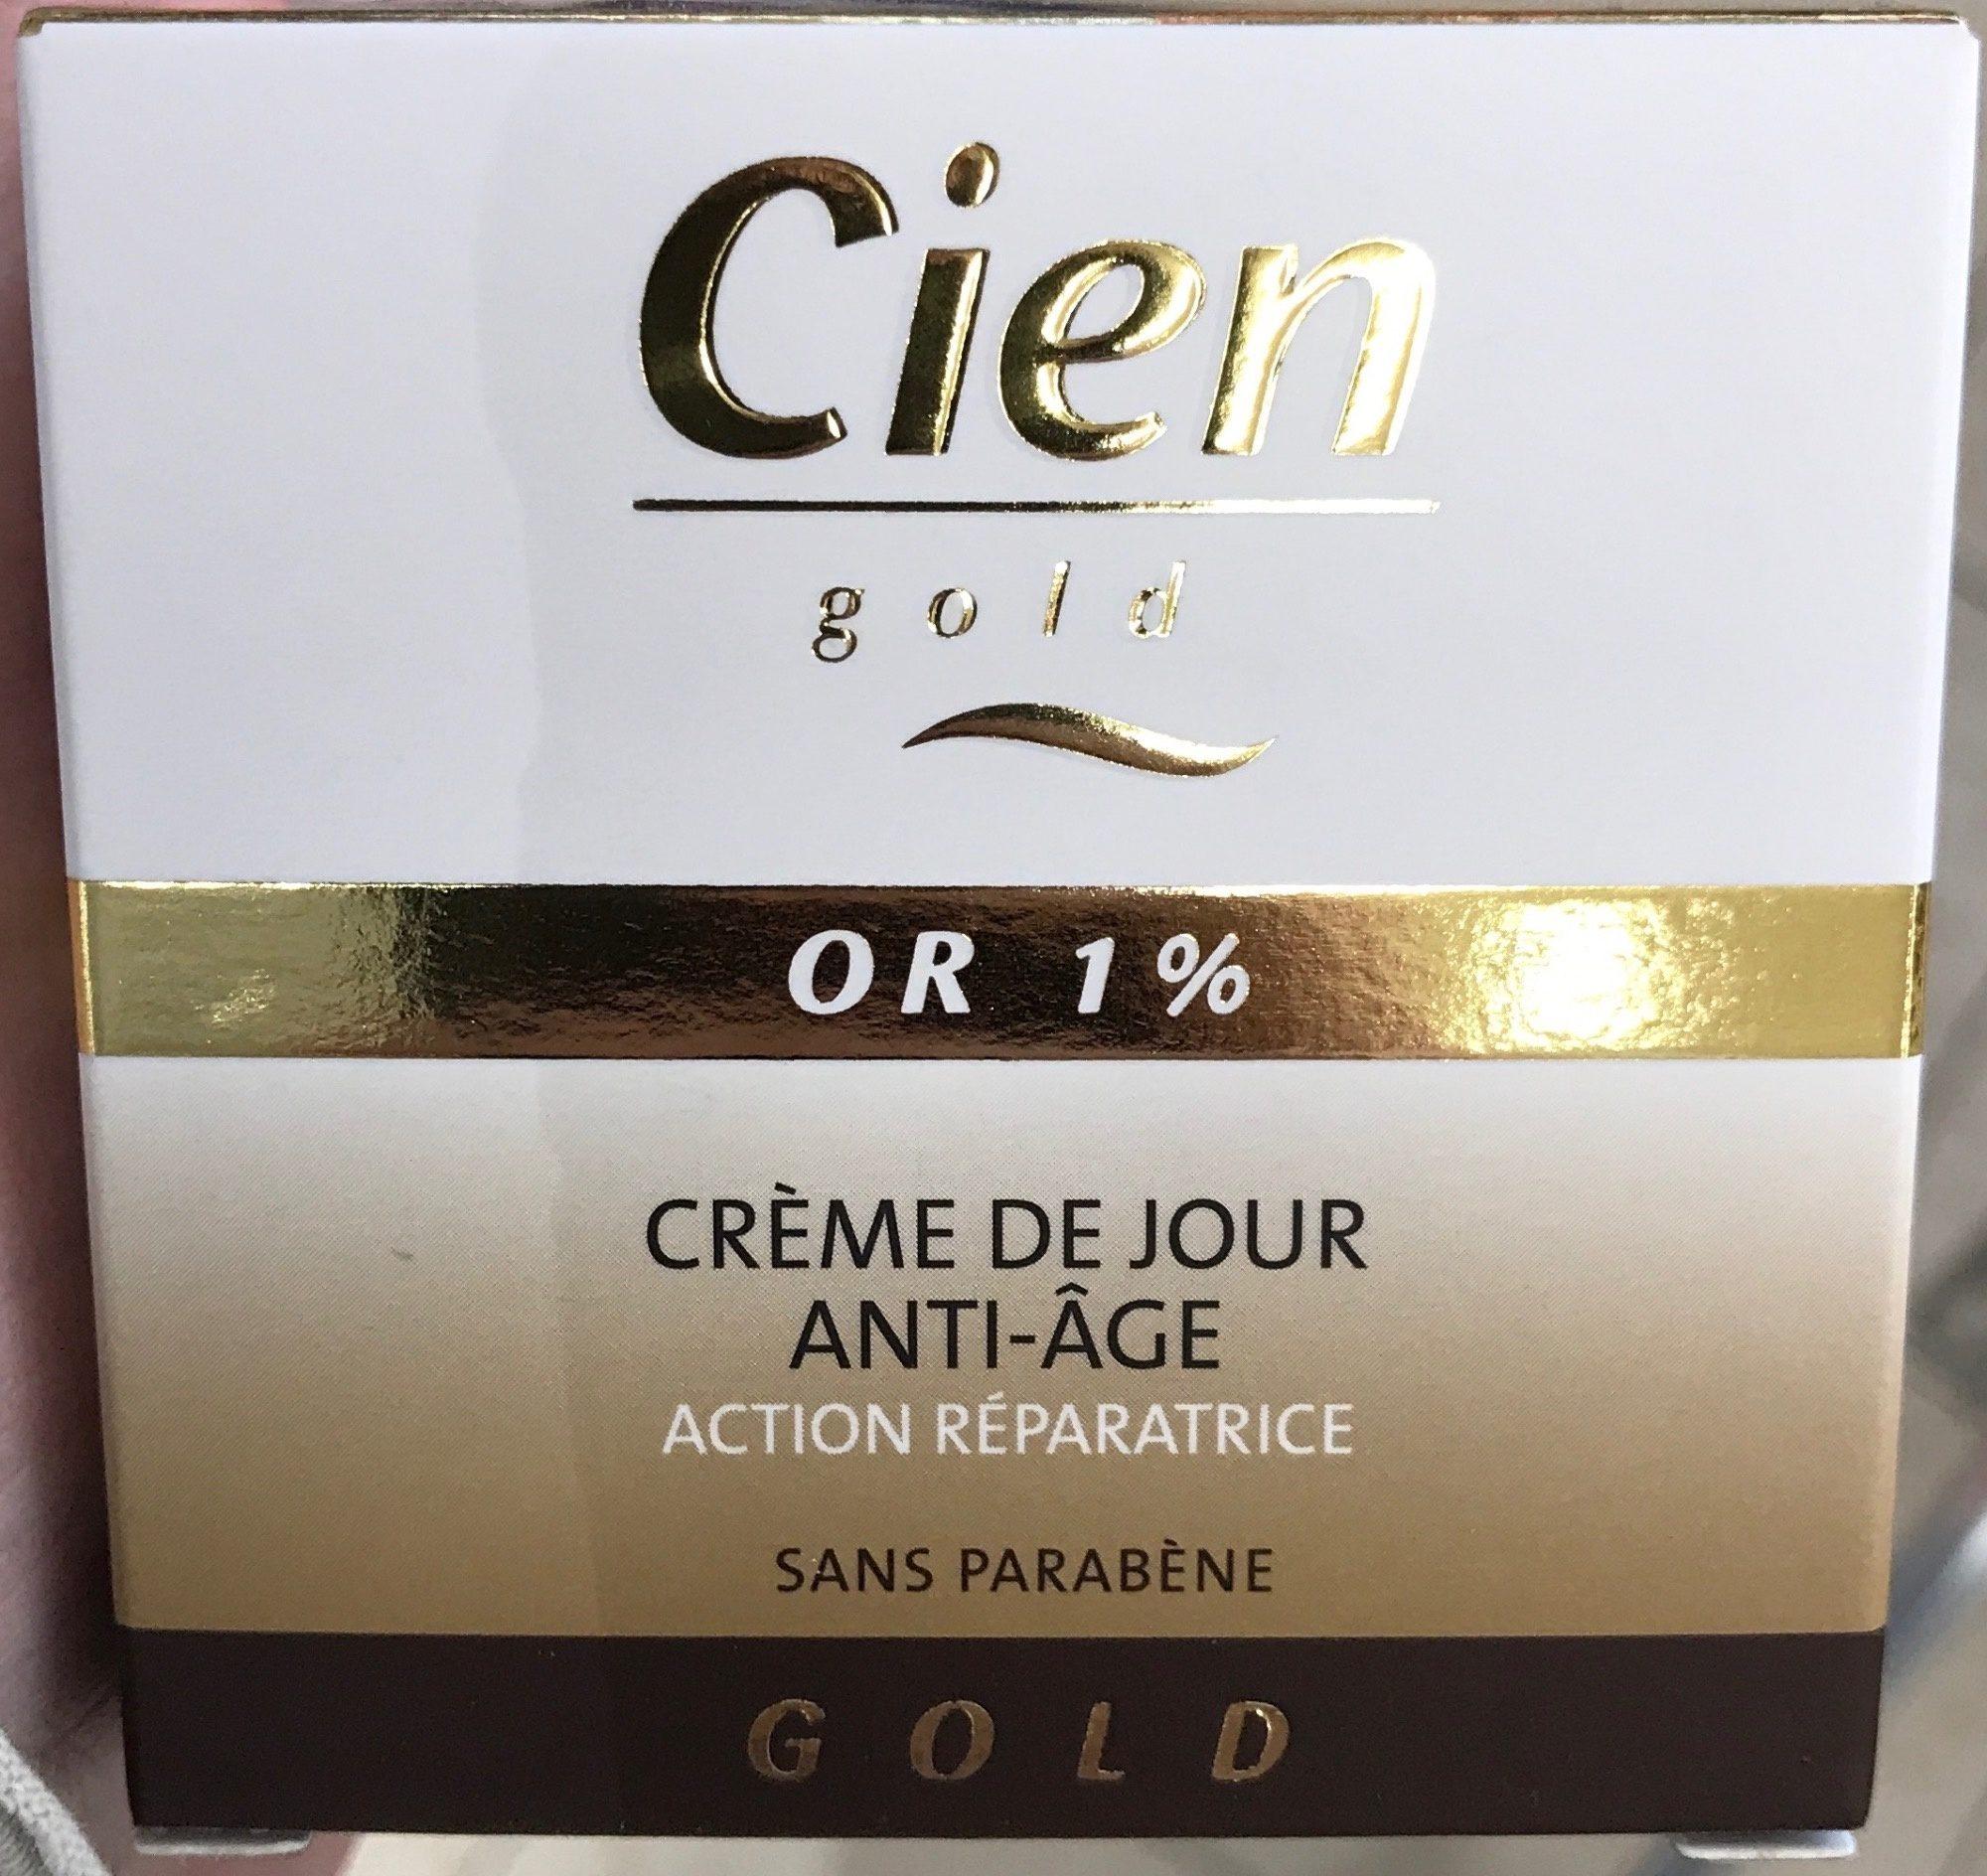 Crème de jour anti-âge Gold (Or 1%) - Product - fr